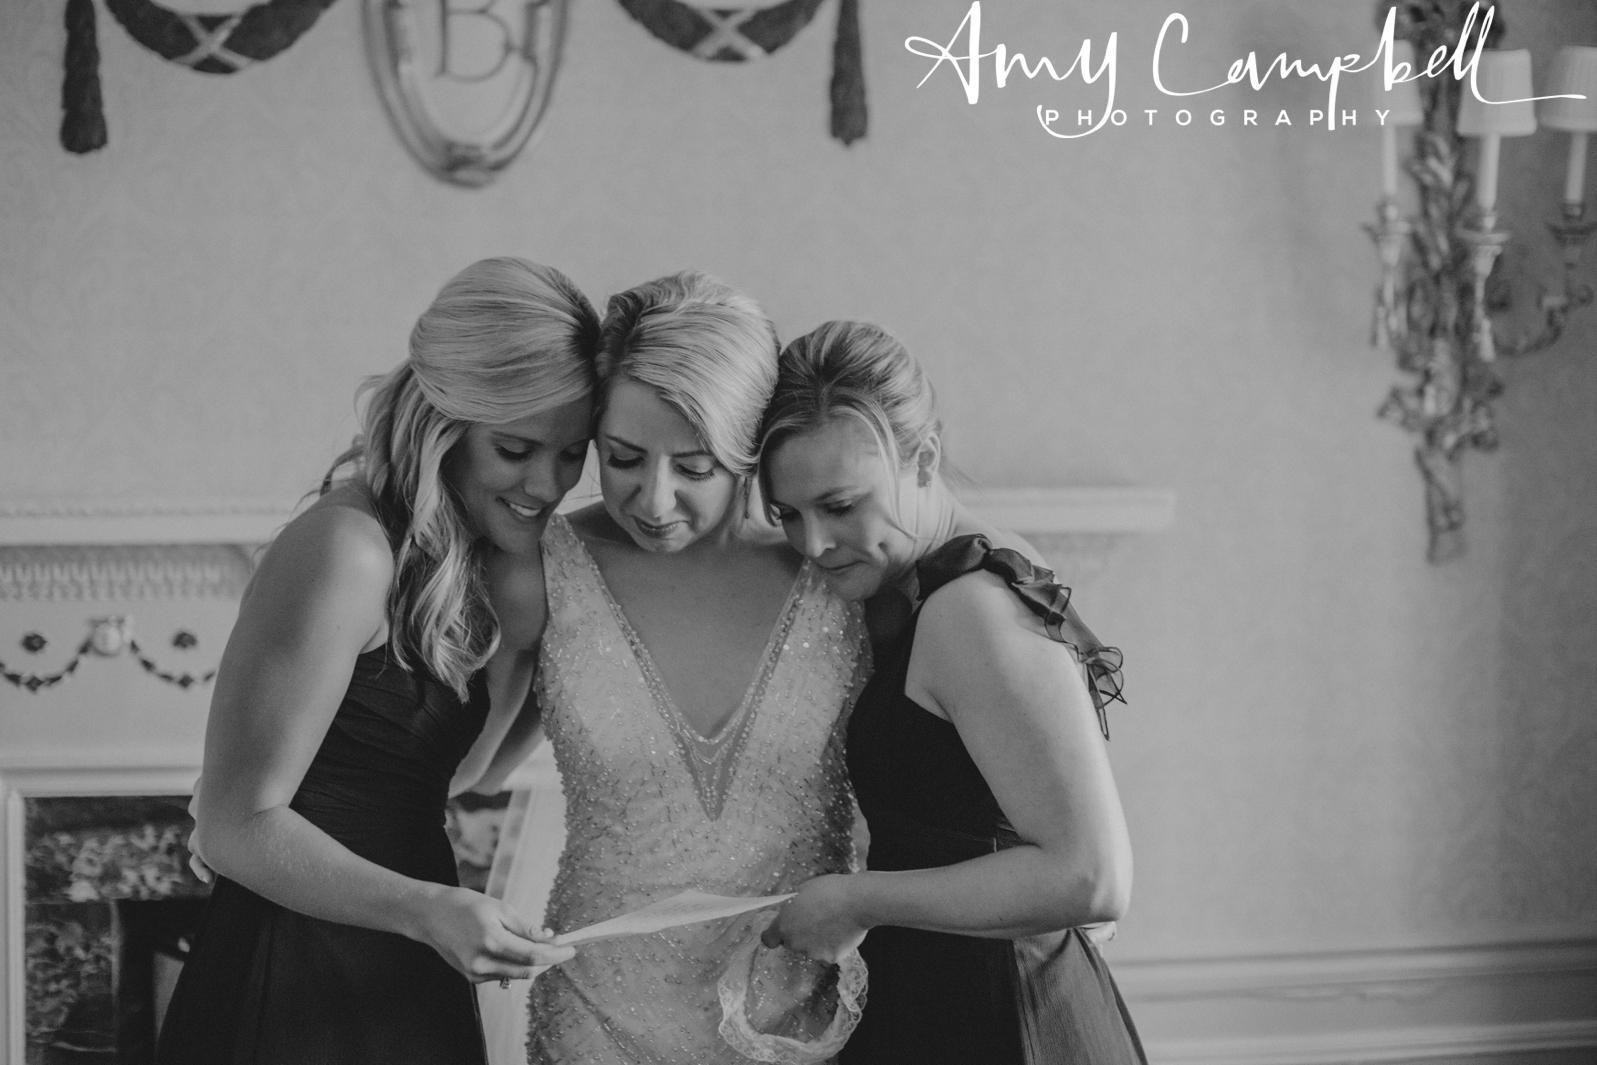 emmakyle_wedding_fb_amycampbellphotography_0015.jpg